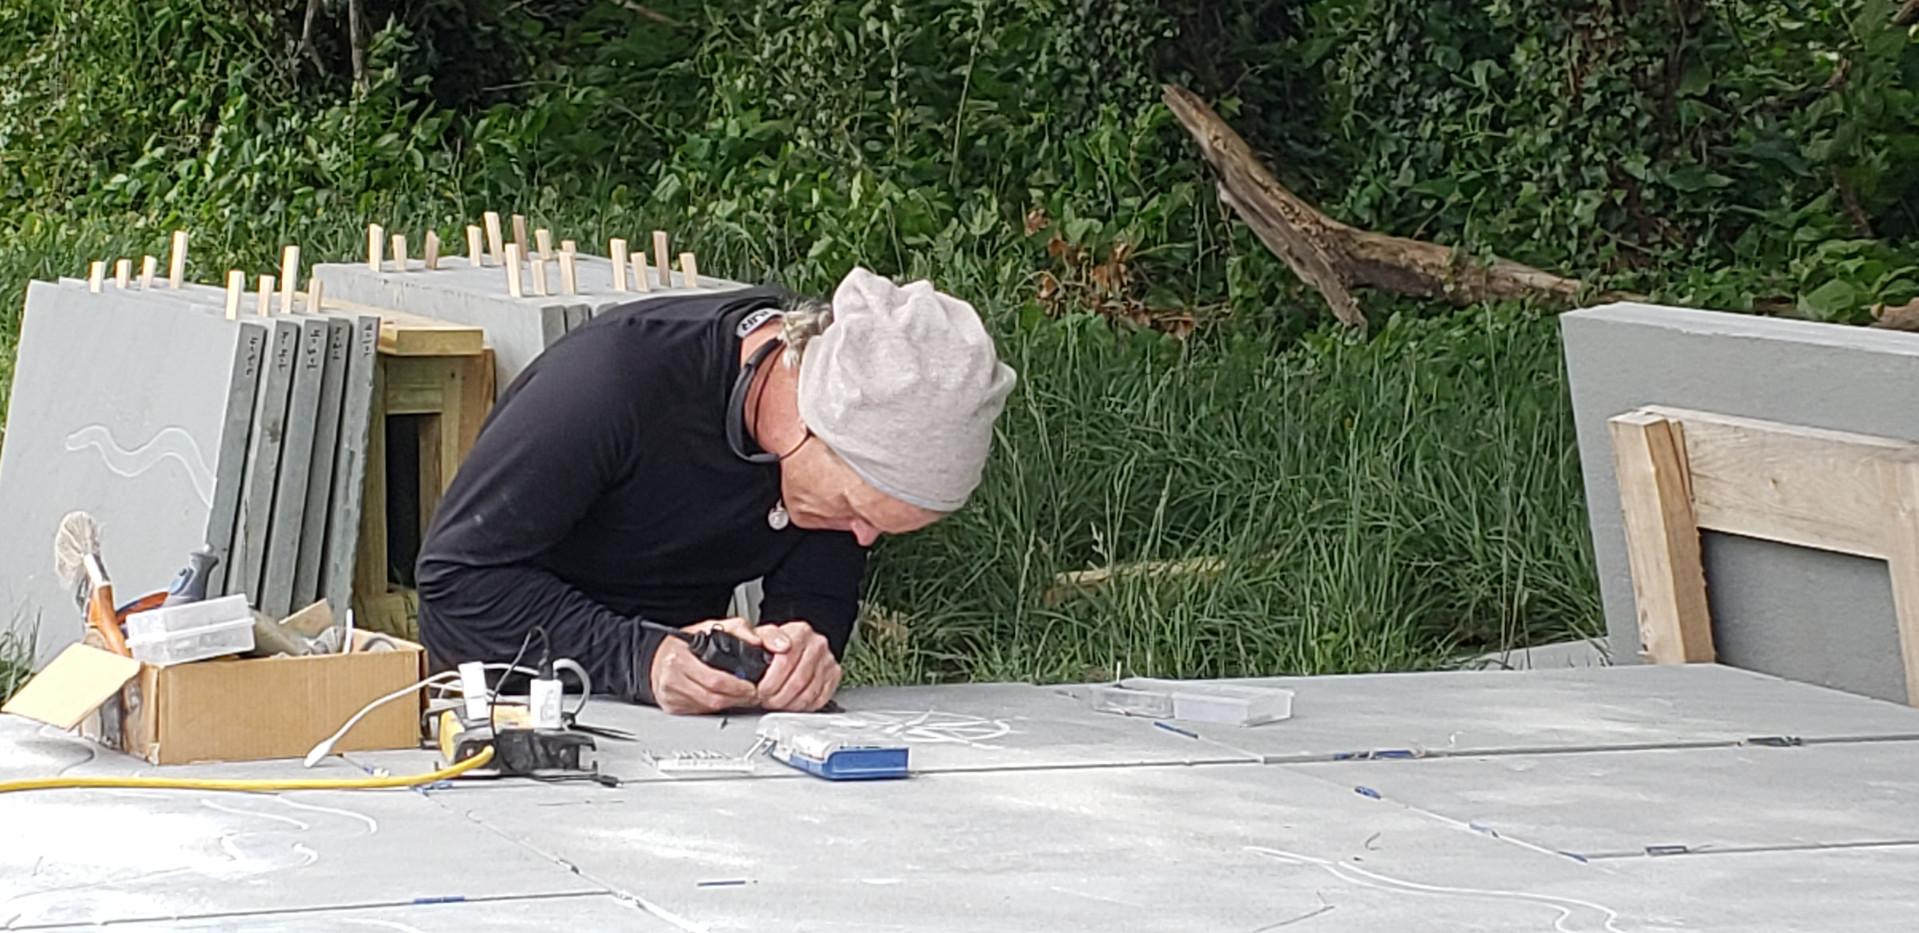 Eddie head down working on sculpture